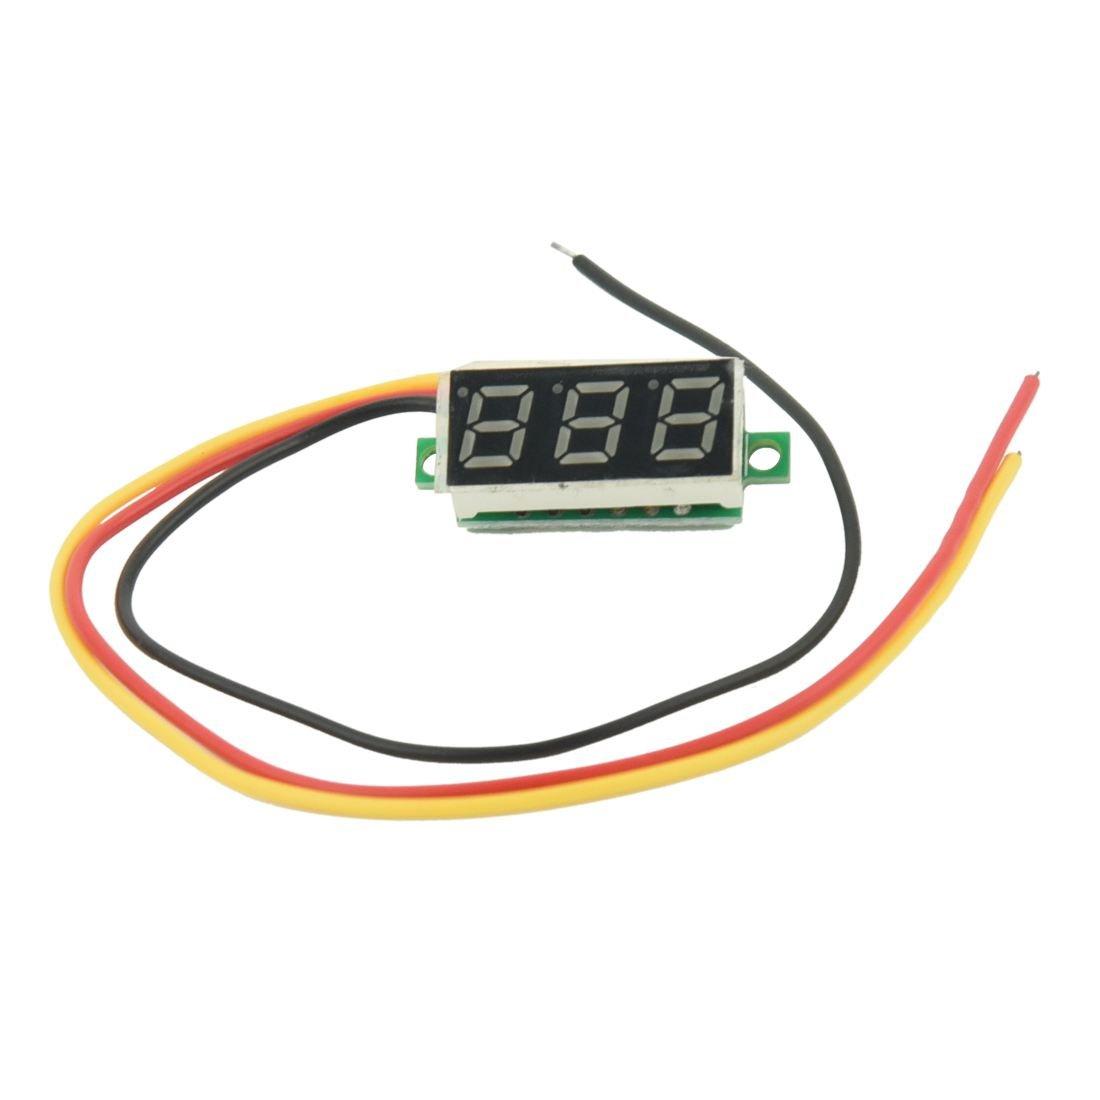 SODIAL(R) Mini Digital Voltmeter DC 0-100V LED Panel Voltage Meter 3-Digital With 3 Wires Green